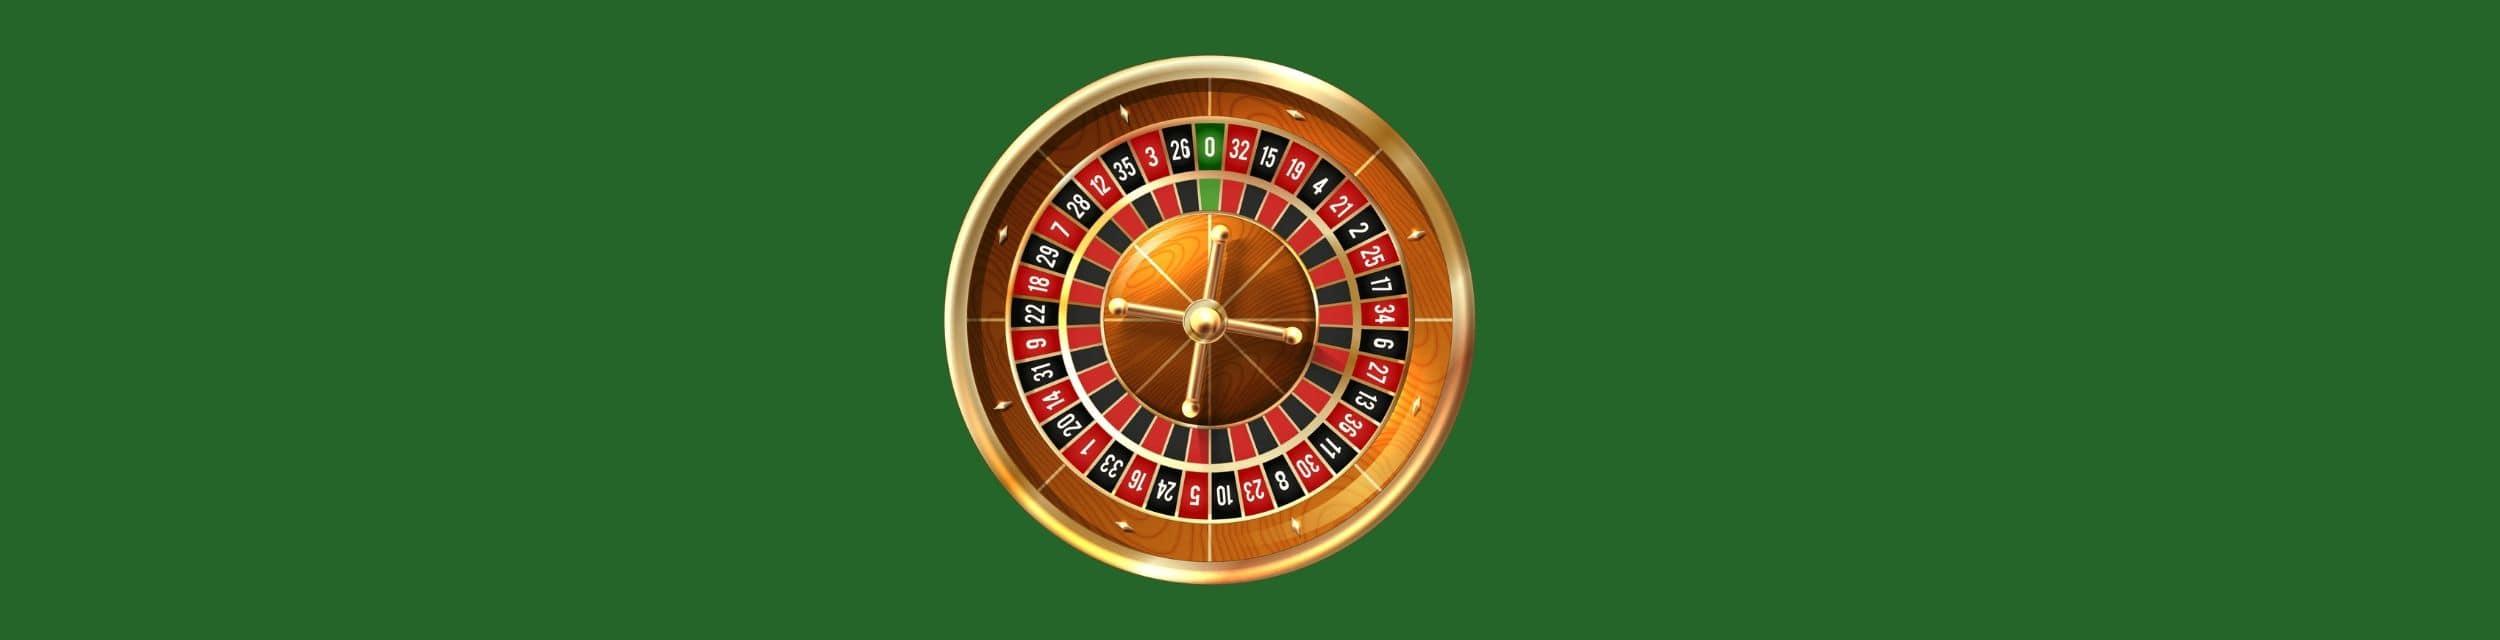 Spela spel betting tips online betting sites bonus